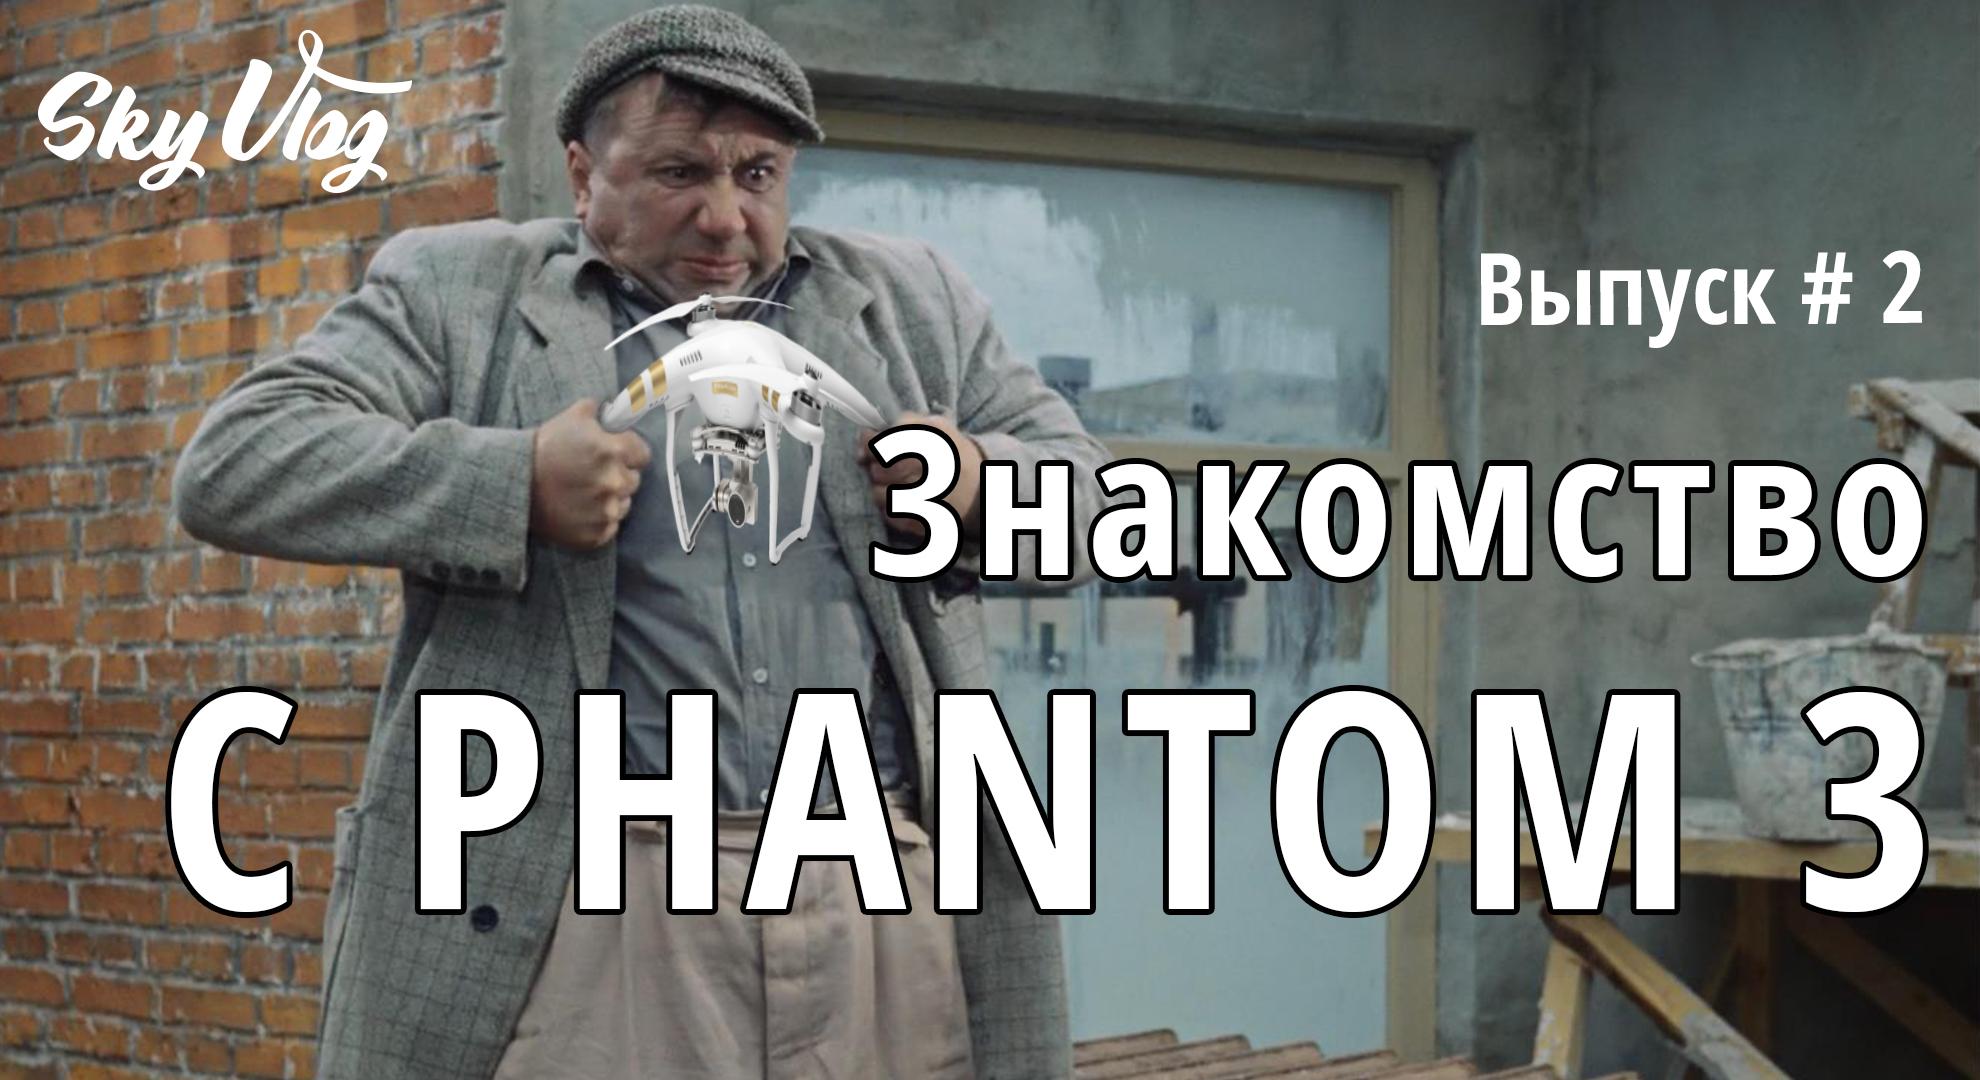 Видеоблог. SkyVlog: первая презентация DJI Phantom 3.